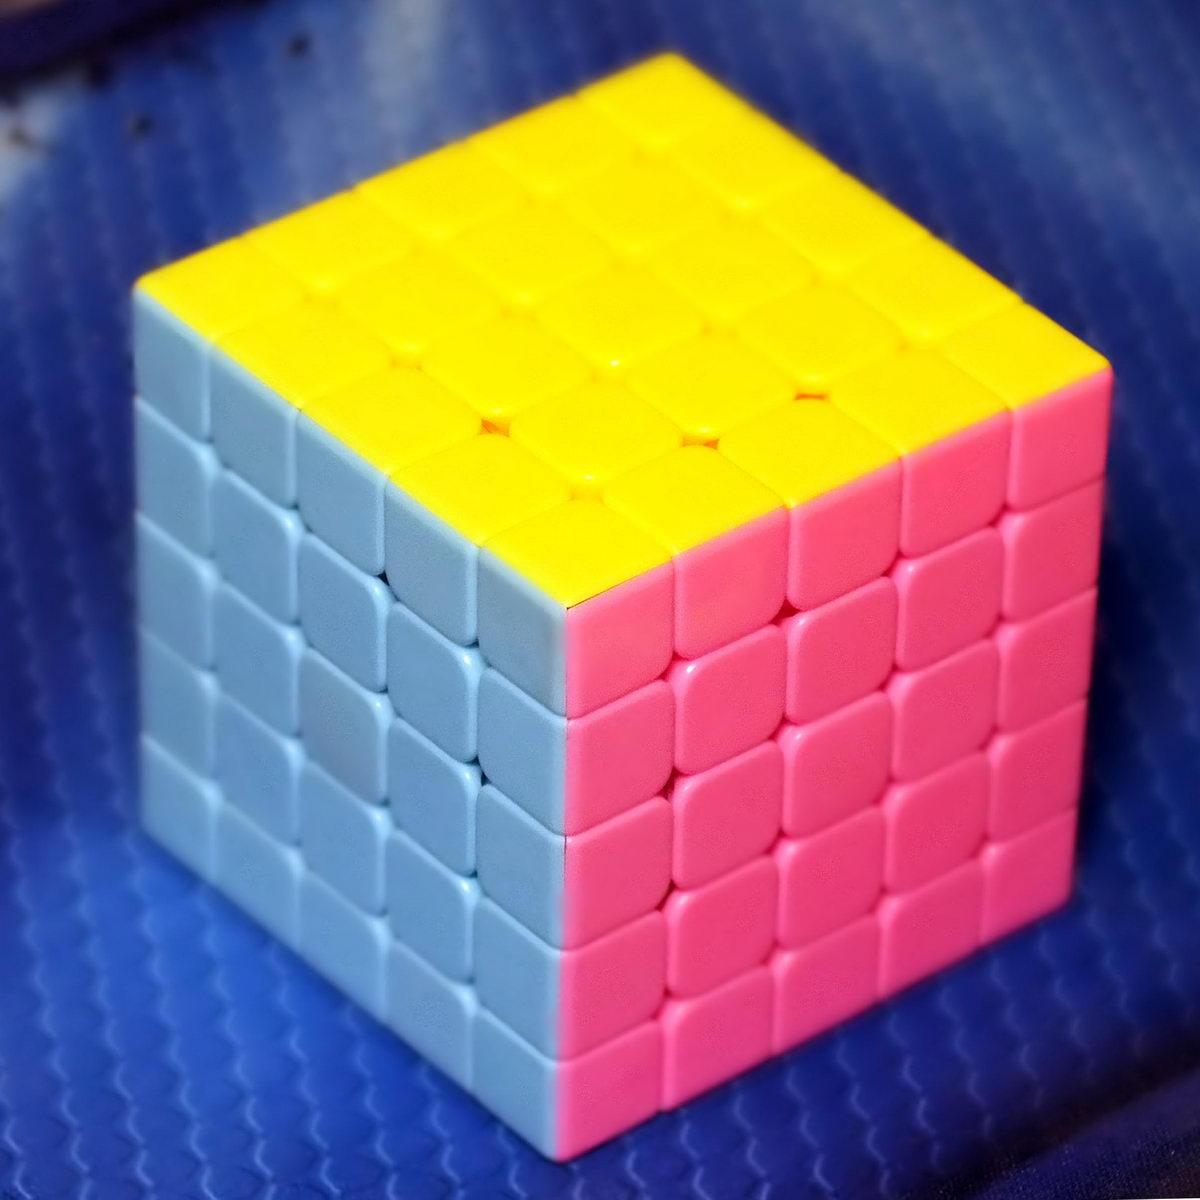 Moyu Ao Chuang 5x5 stickerless pink